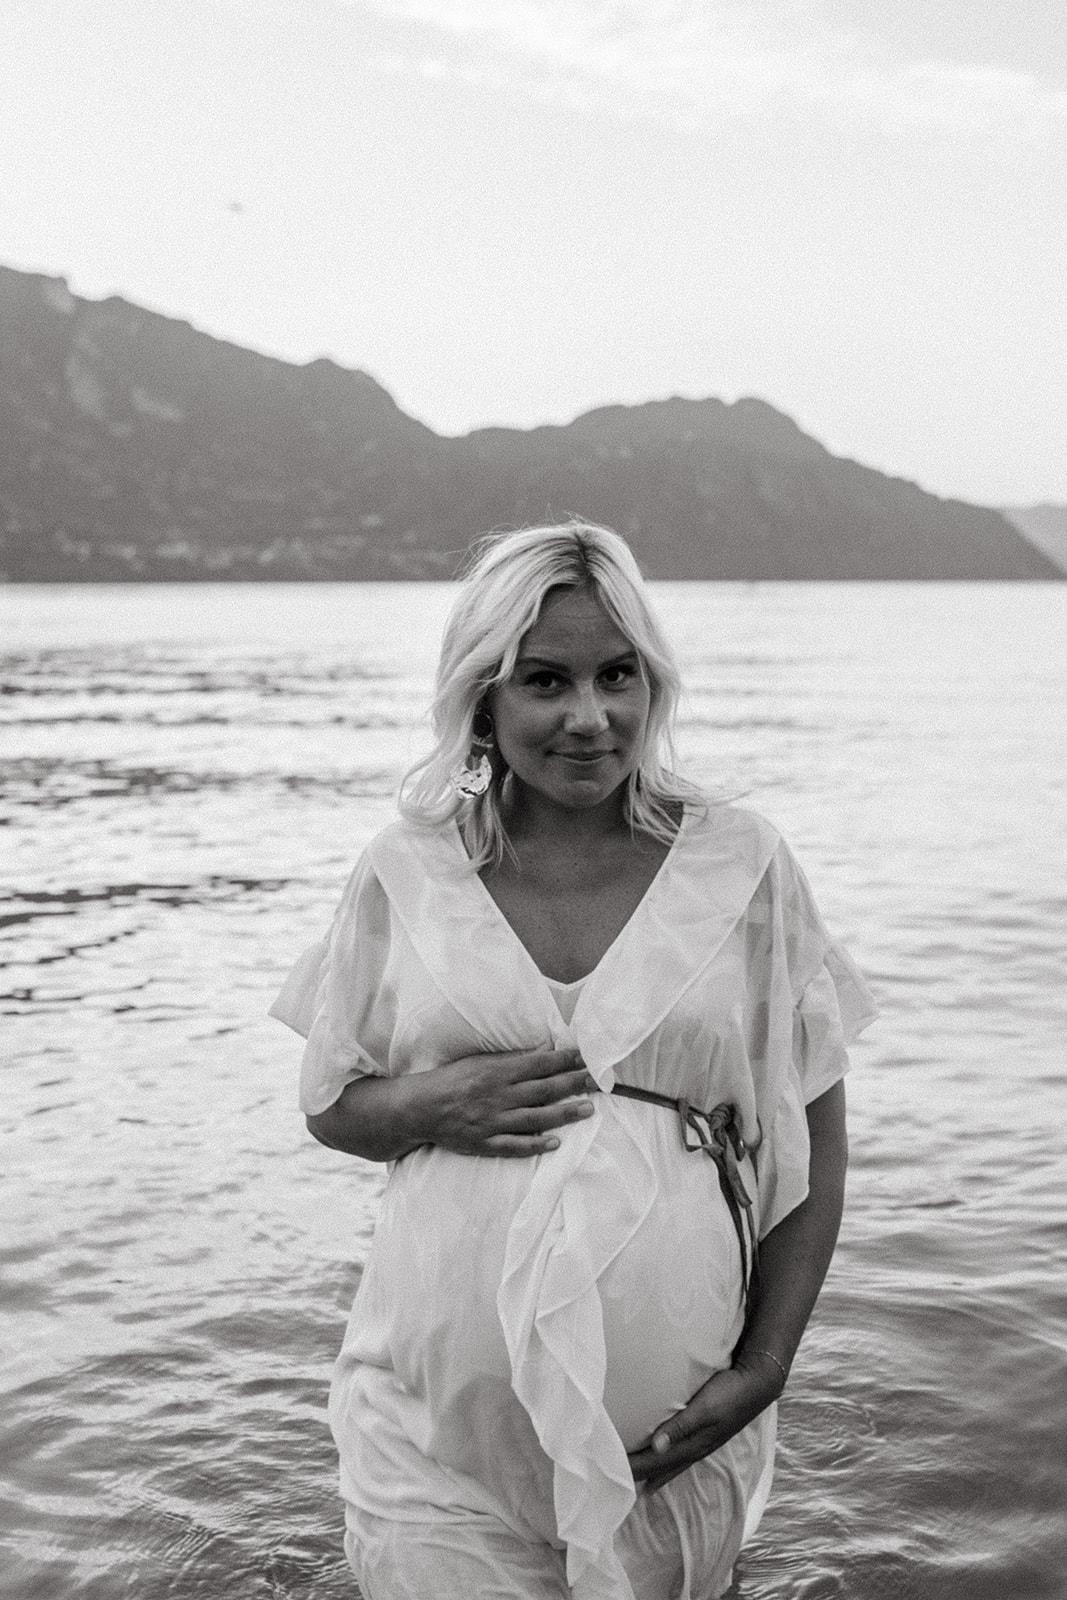 UTOPICLOVERS20200821 – MATERNITE MarArt 22639 - Une séance maternité d'été  au lac du Bourget.